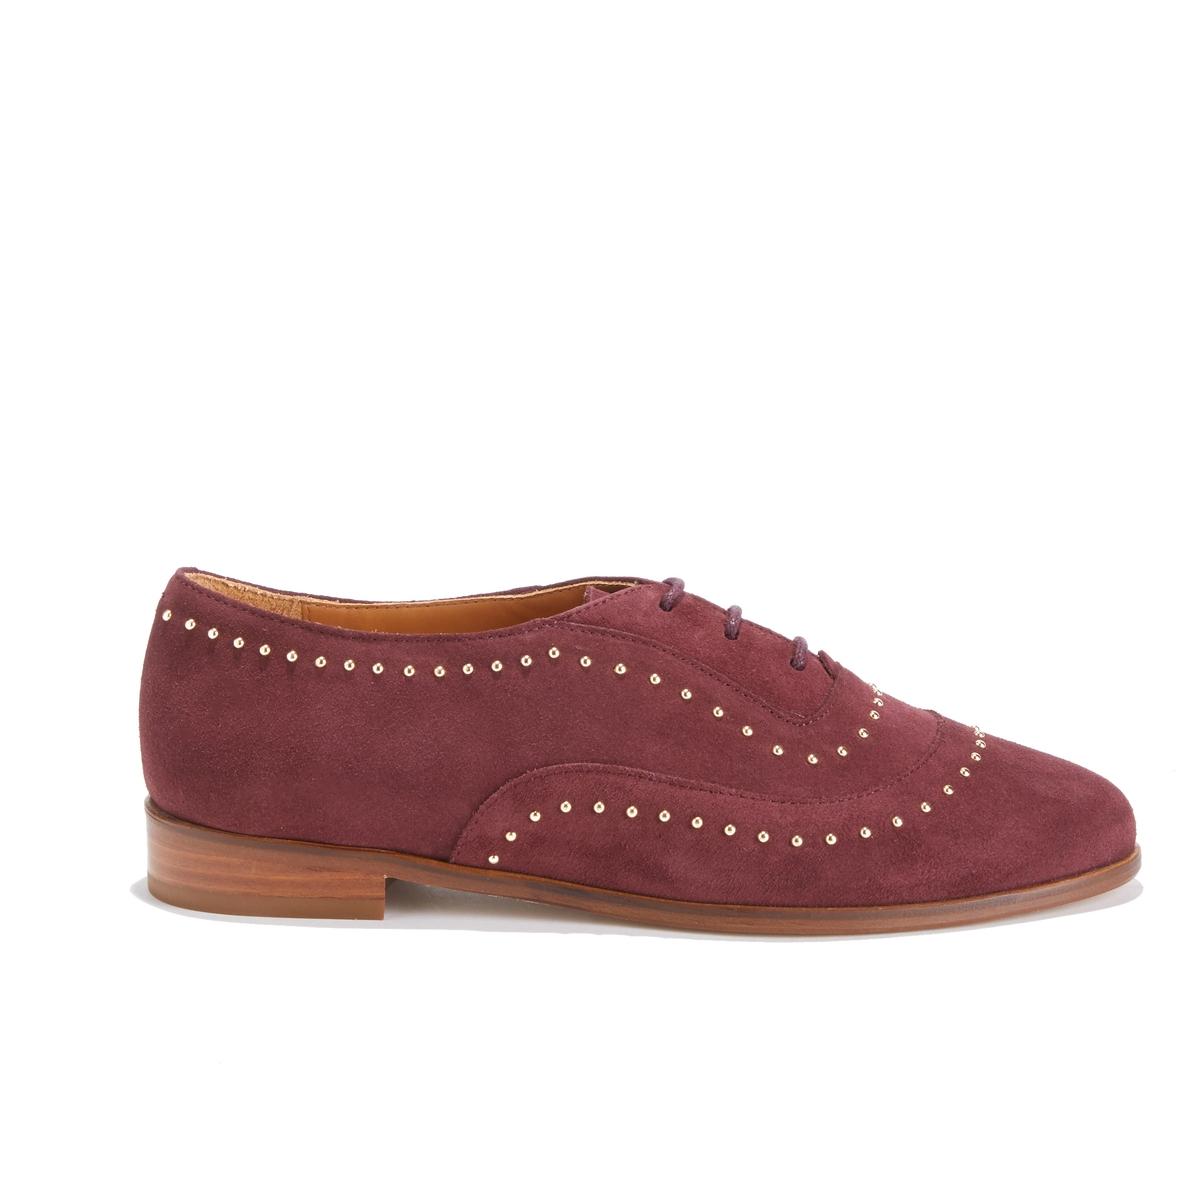 Ботинки-дерби кожаные LA POINTILLEUSE ботинки дерби malika